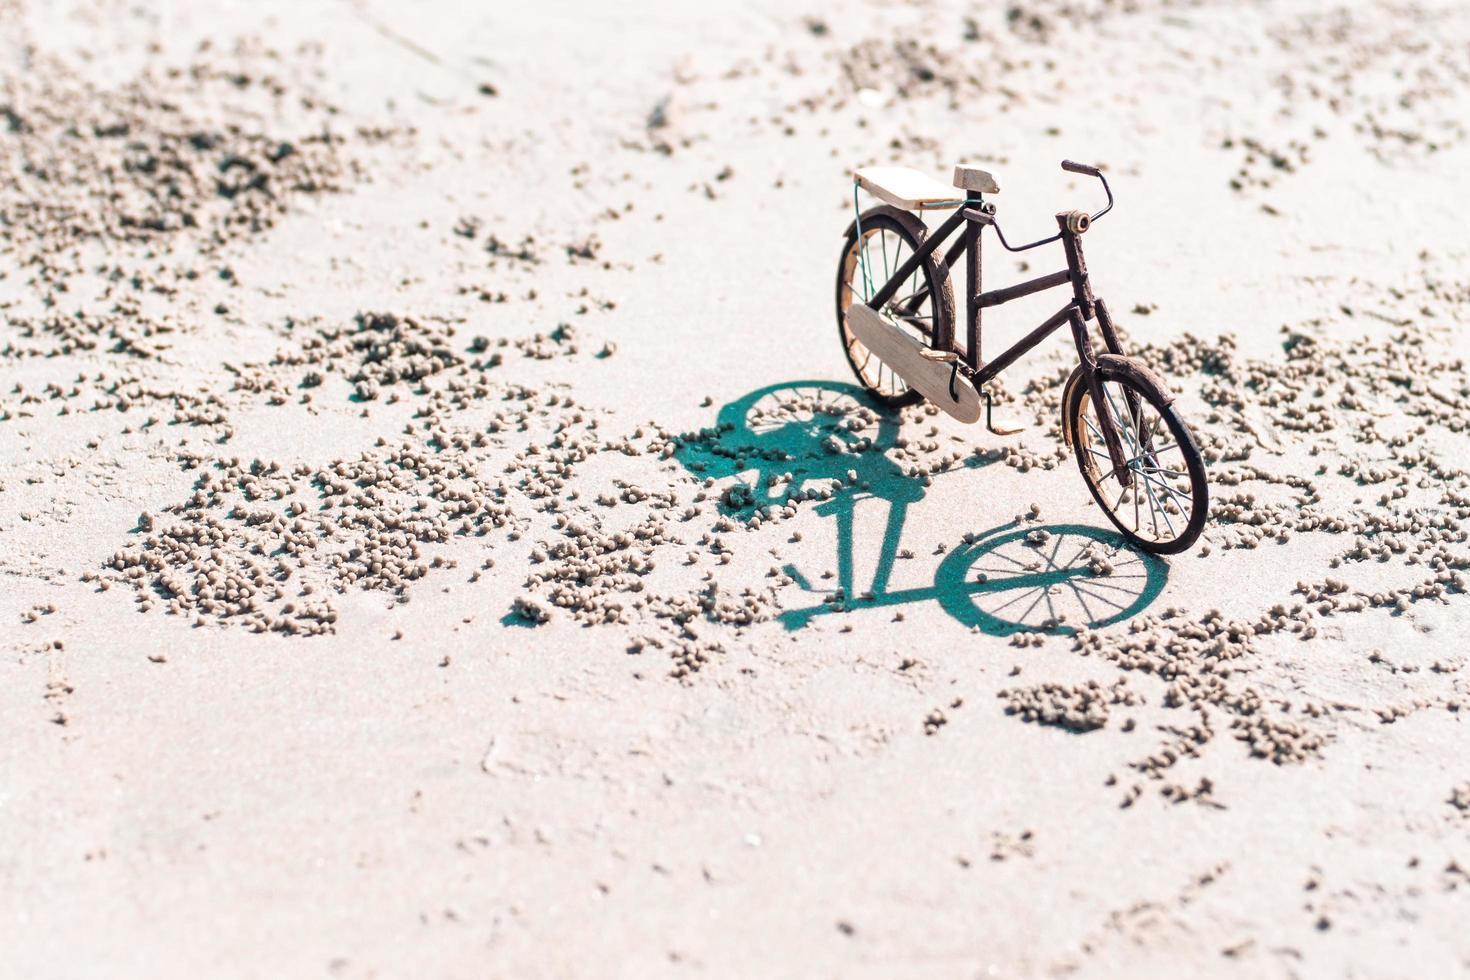 giocattolo bicicletta in legno in spiaggia foto